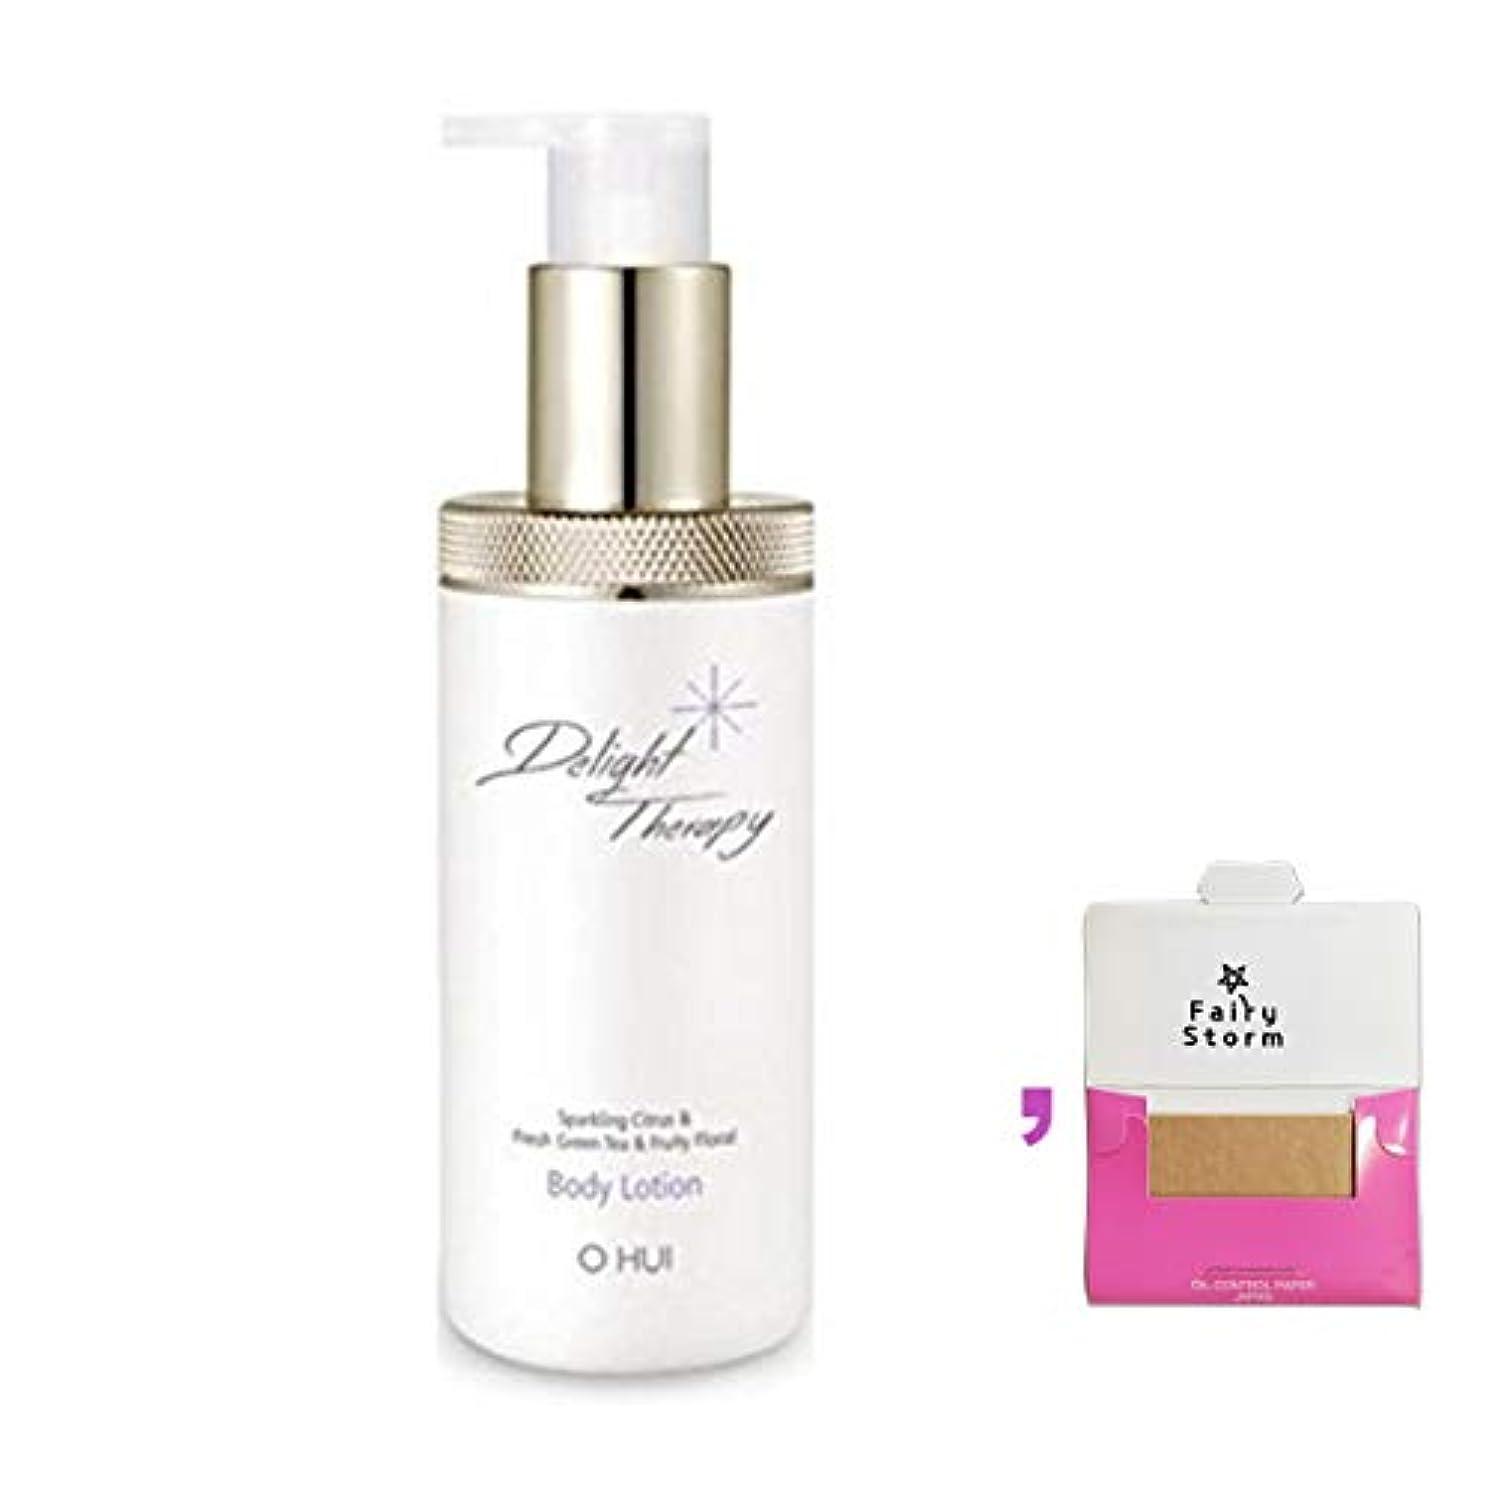 トピック光の排除する[オフィ/ O HUI]韓国化粧品 LG生活健康/Ohui Delight Therapy Body Lotion 300ml - 海藻成分が含有されてしっとりとしたボディを完成してくれるリラックスボディローション+[Sample Gift](海外直送品)